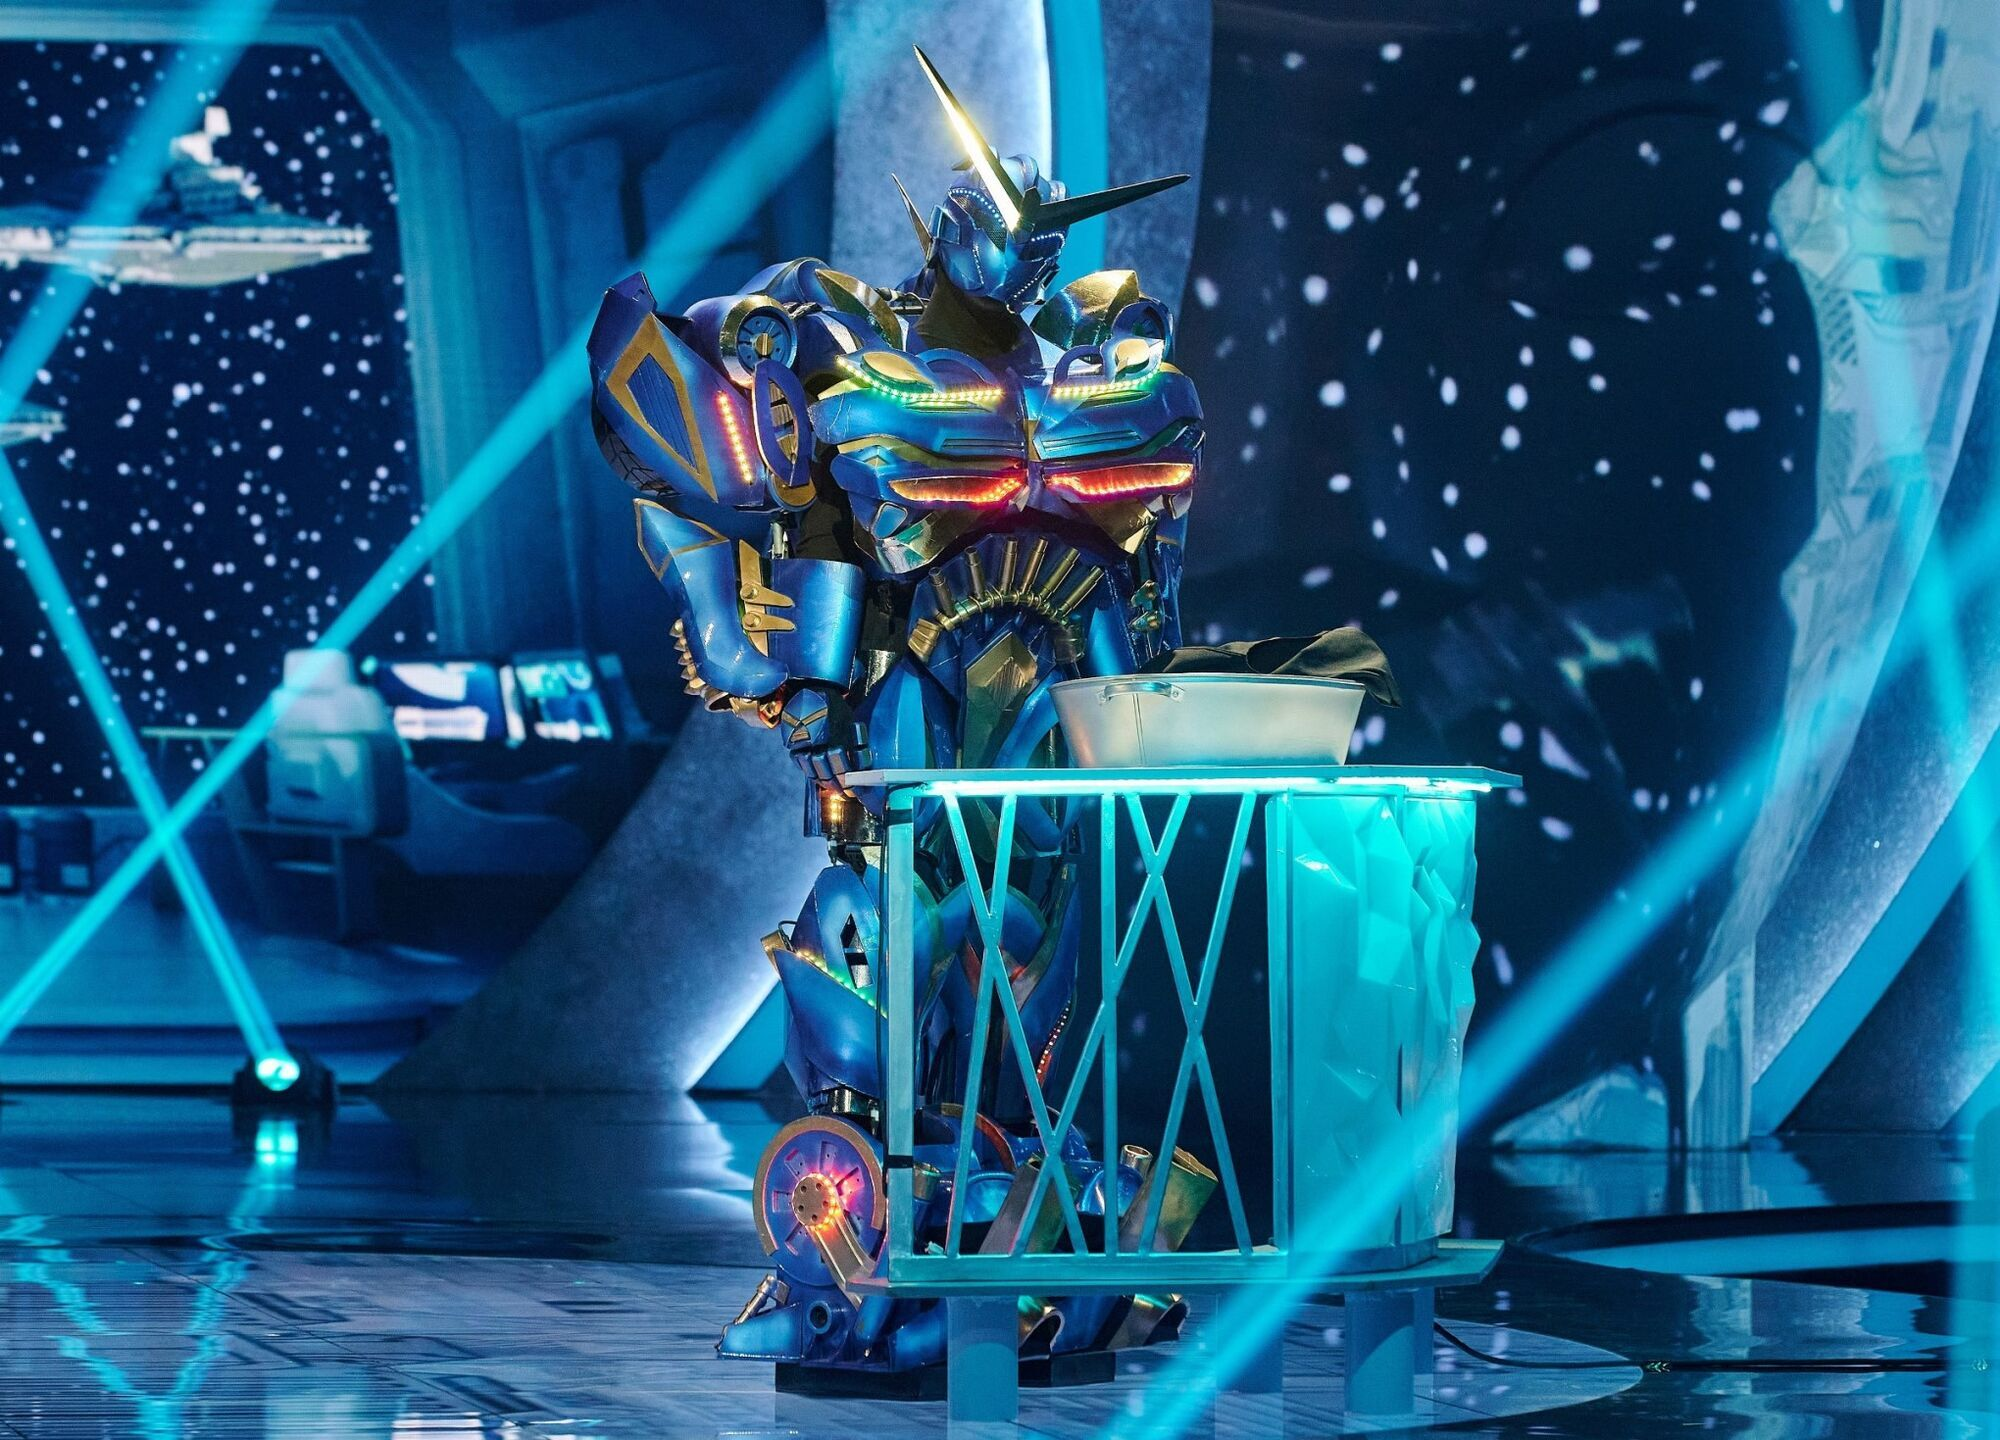 Новый участник шоу – Робот.